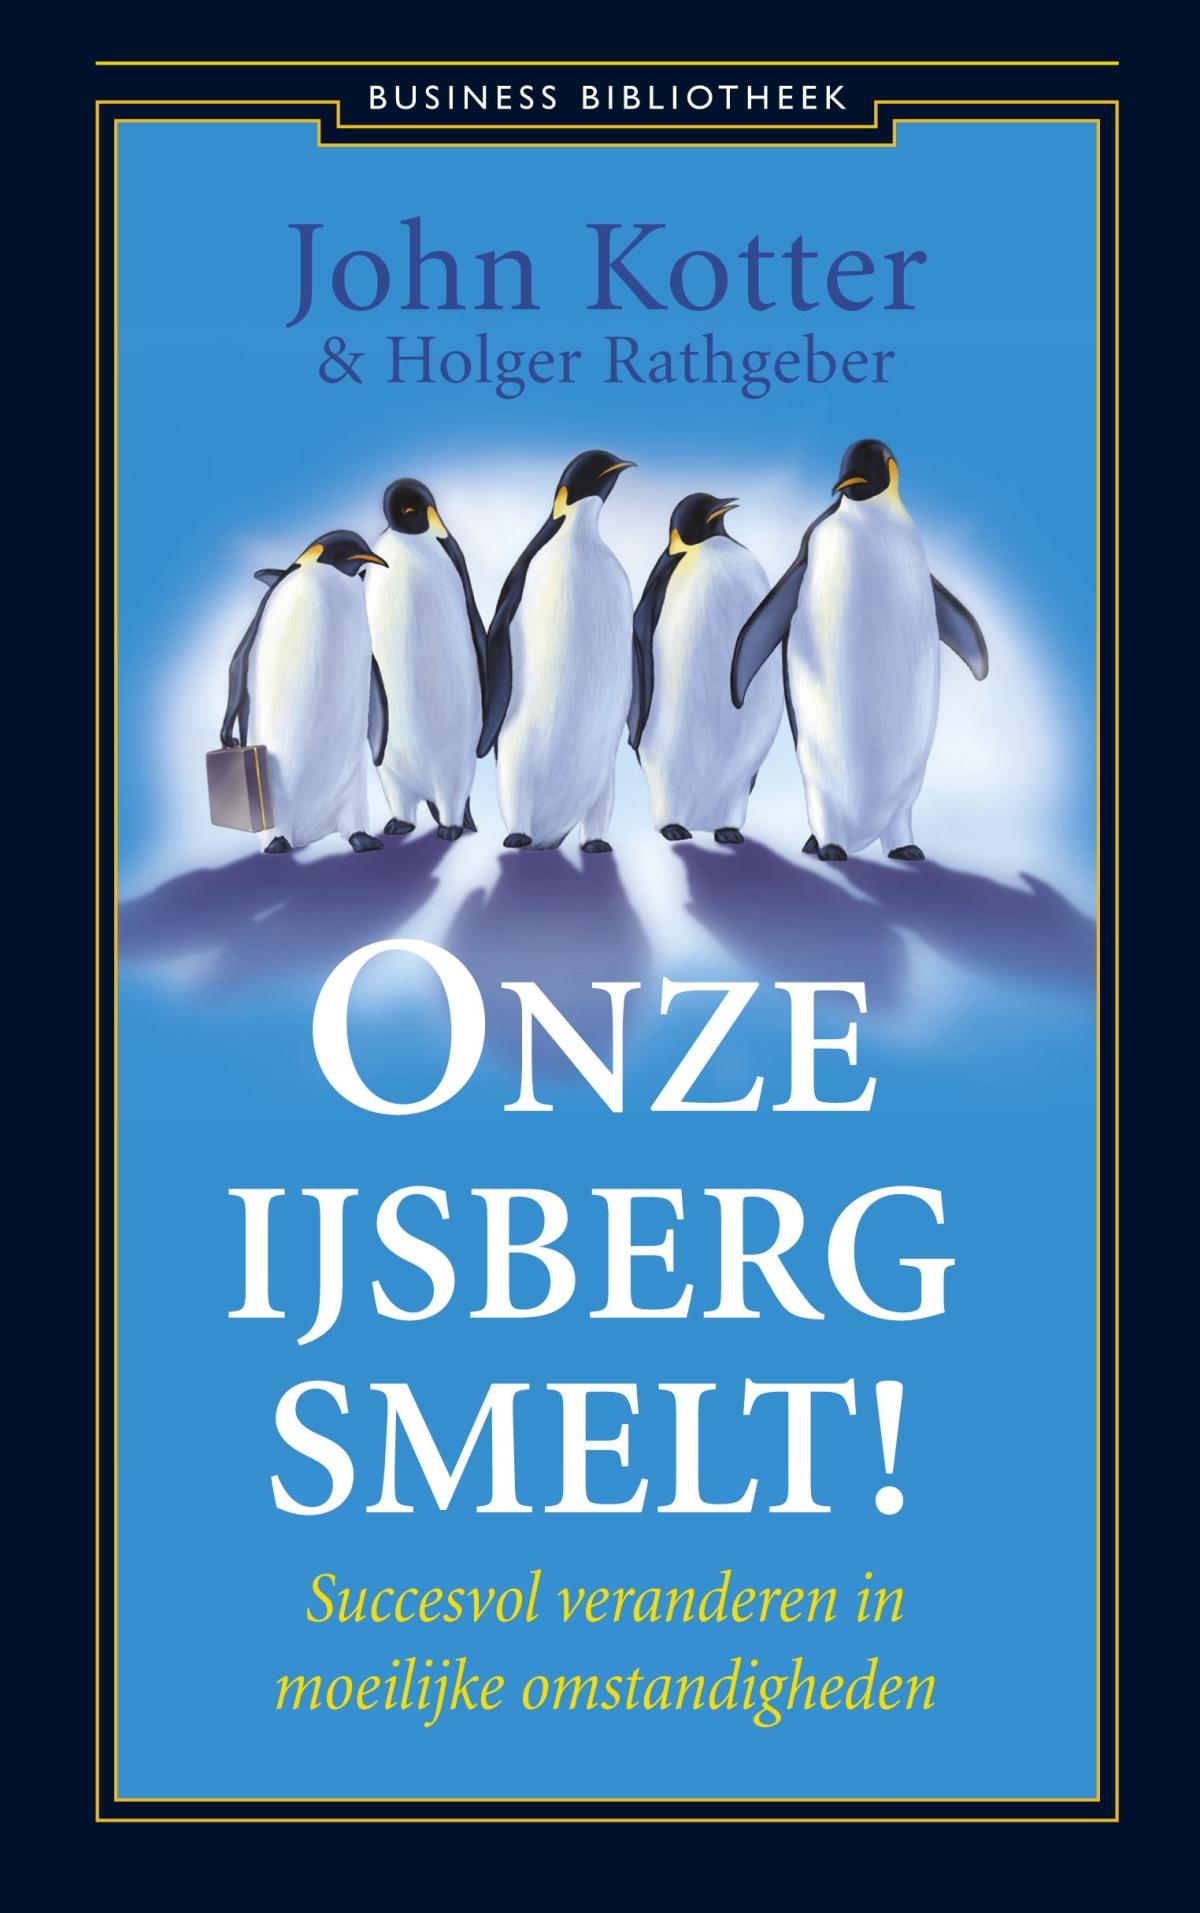 Onze ijsberg smelt! - Holger RathgeberJohn Kotter